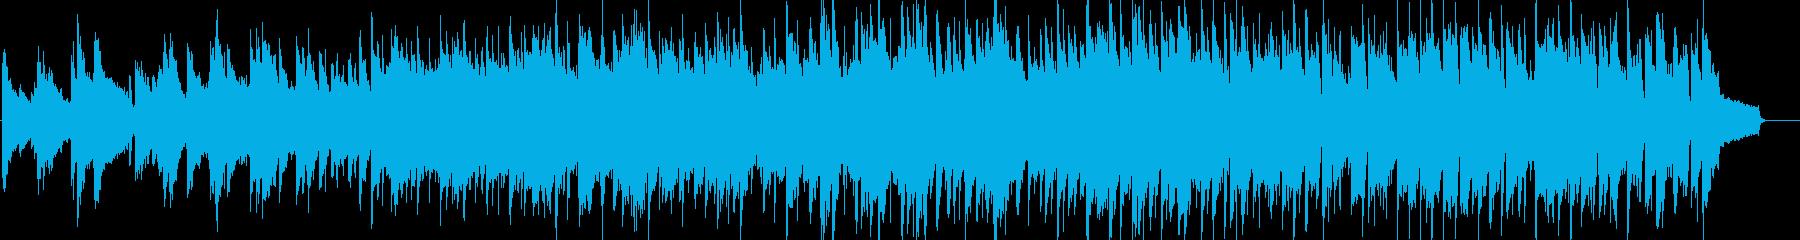 爽やか・軽快・ほのぼの・日常・ピアノの再生済みの波形